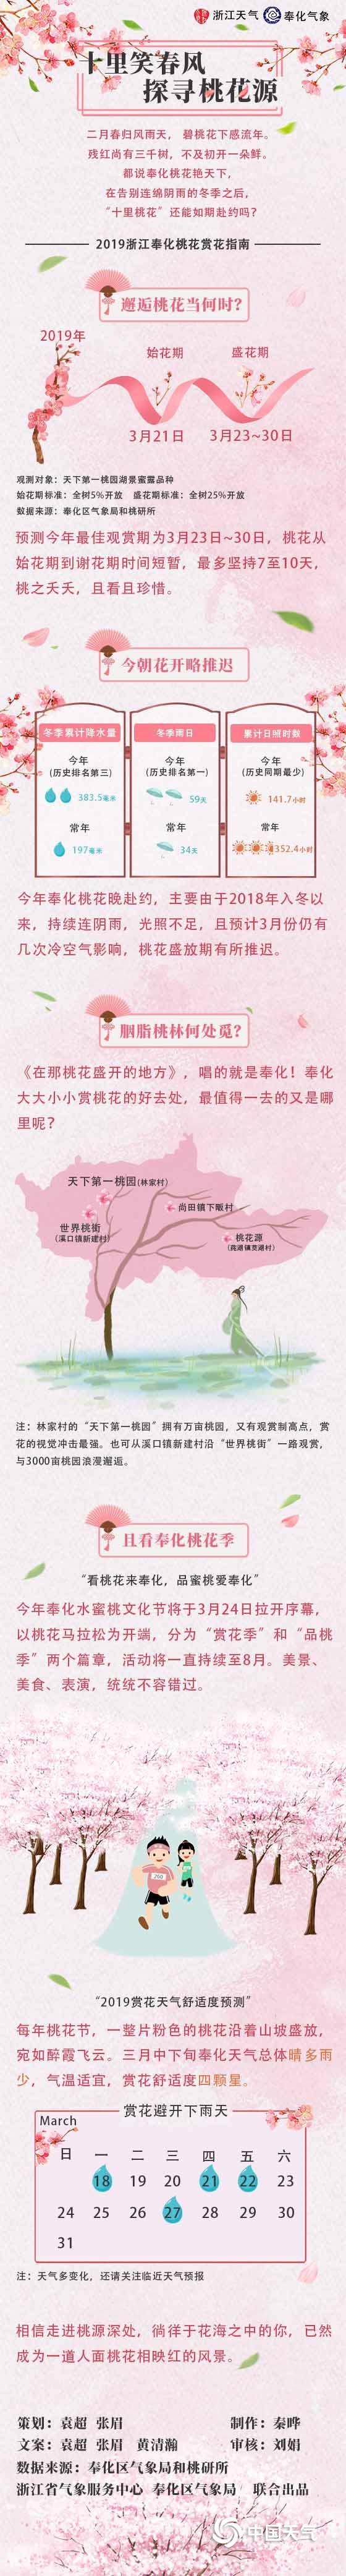 浙江压缩版2.jpg